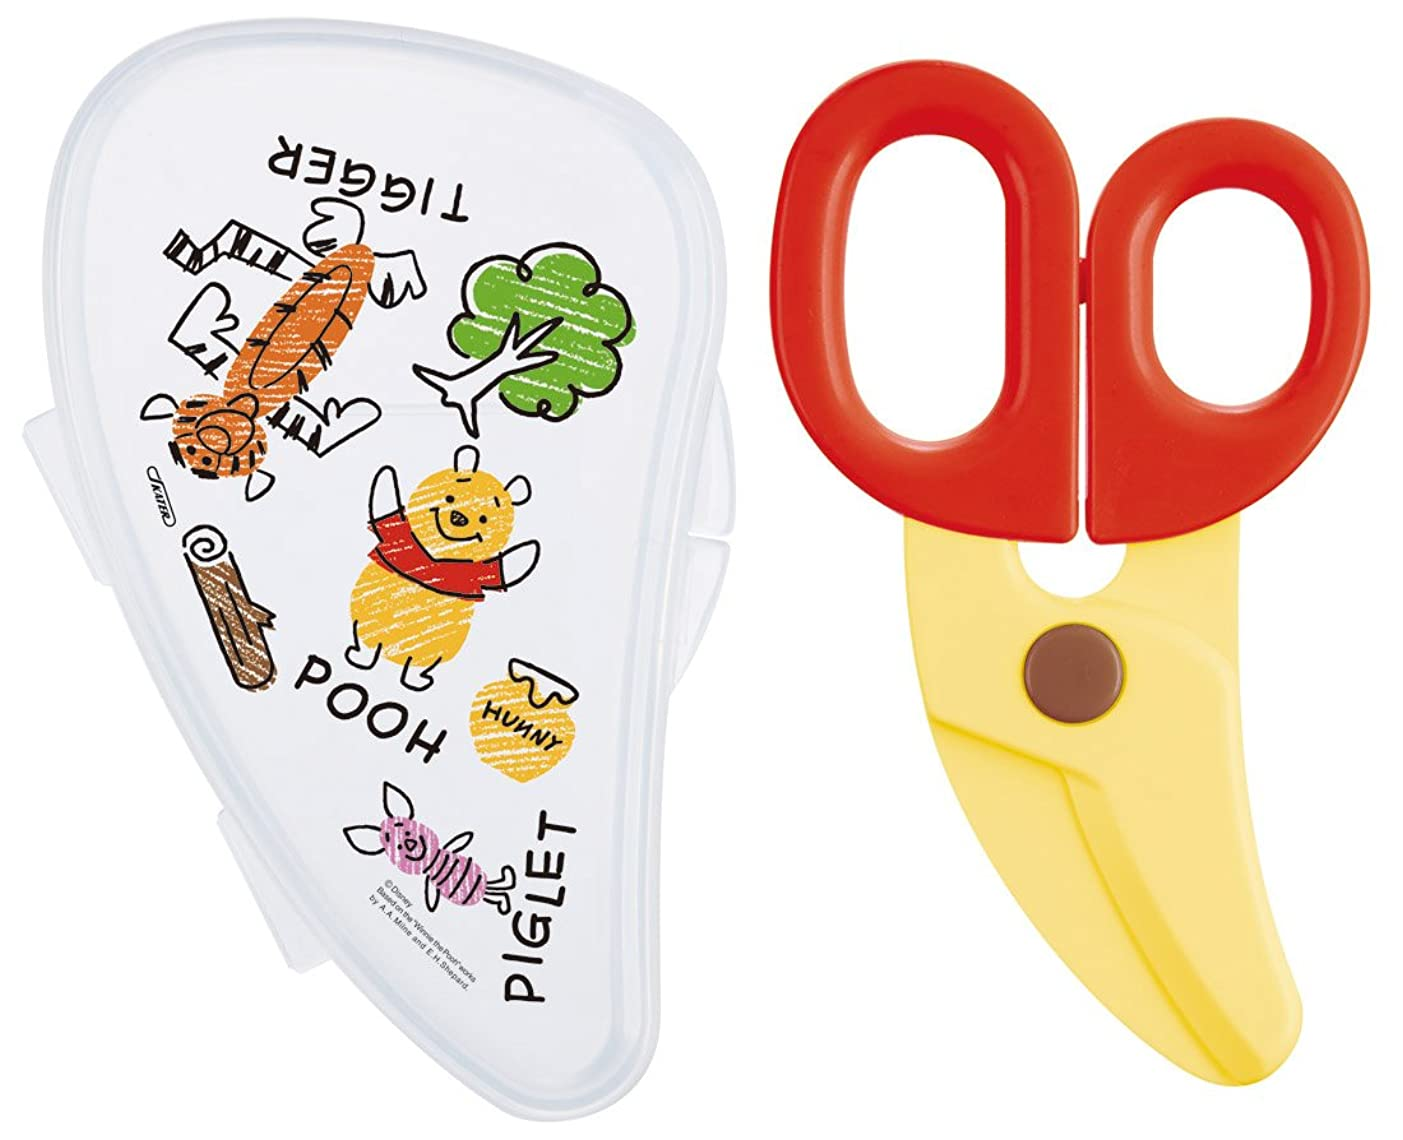 シールオーラル読み書きのできないベビーブレッツァ フードメーカー 【安全基準適合の日本仕様】 離乳食調理